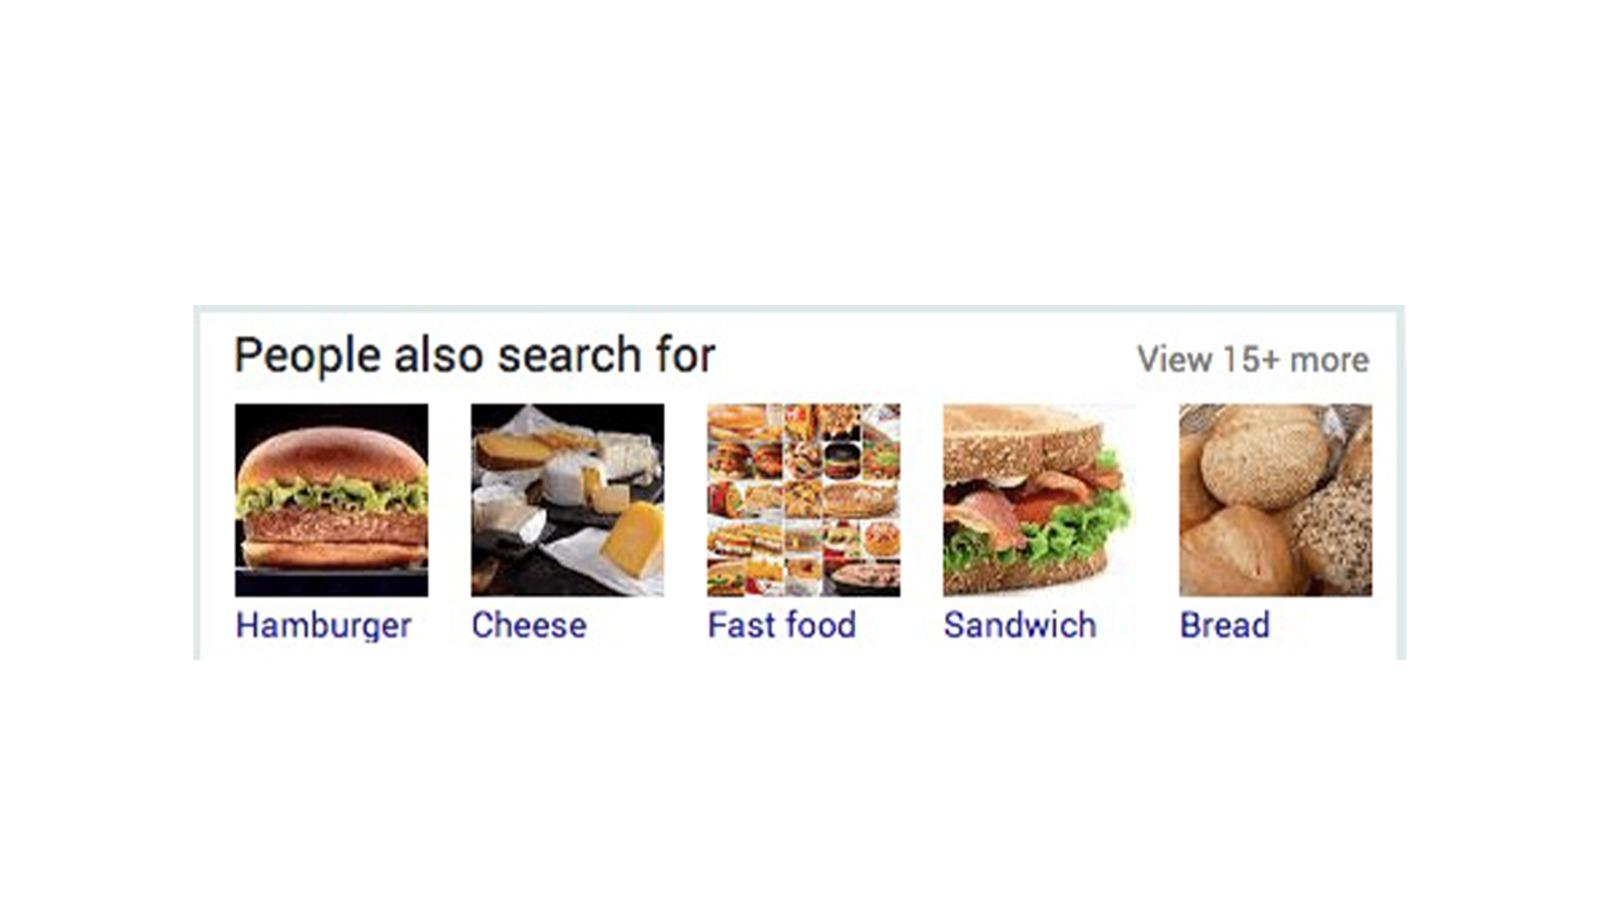 مثال لميزات جوجل االبحثية